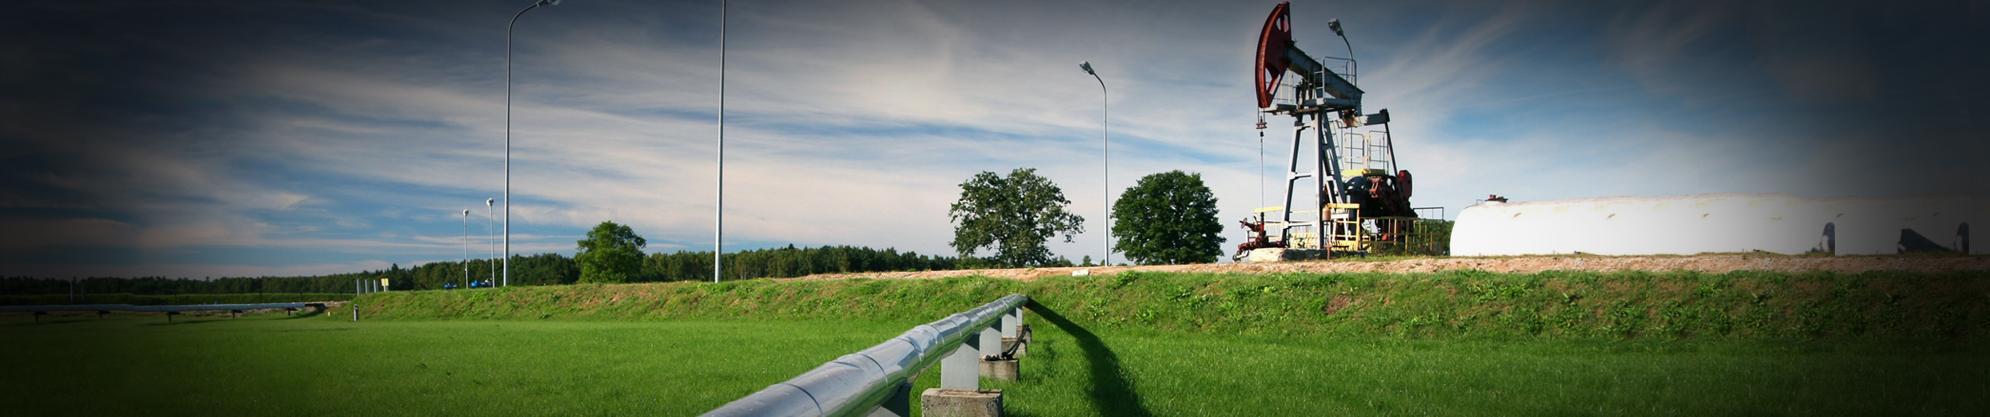 Aislamiento térmico y recubrimiento para oleoductos